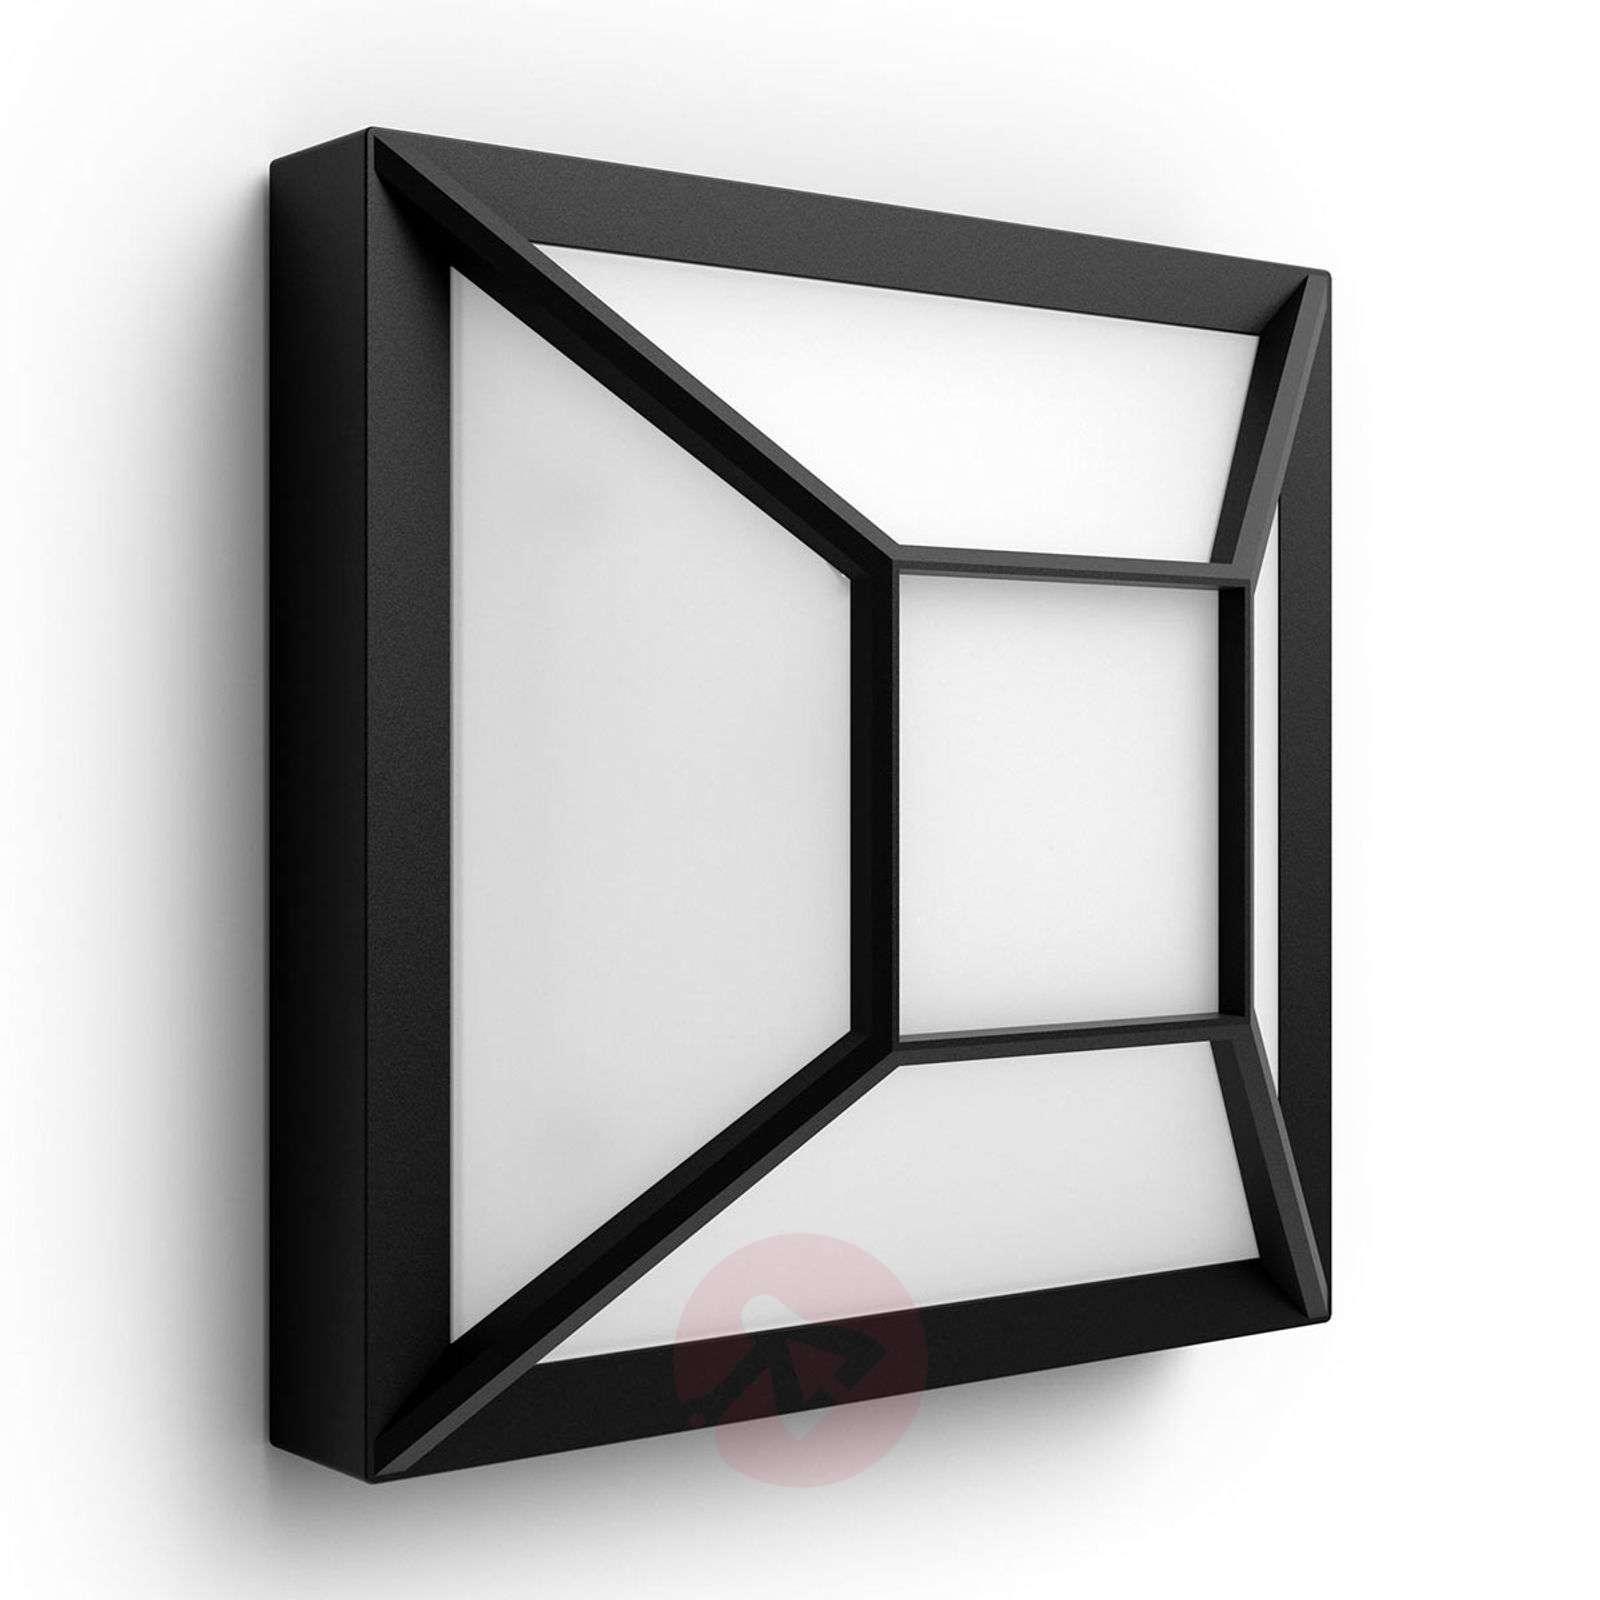 Kulmikas LED-ulkoseinävalaisin Drosera myGarden-7534044-01